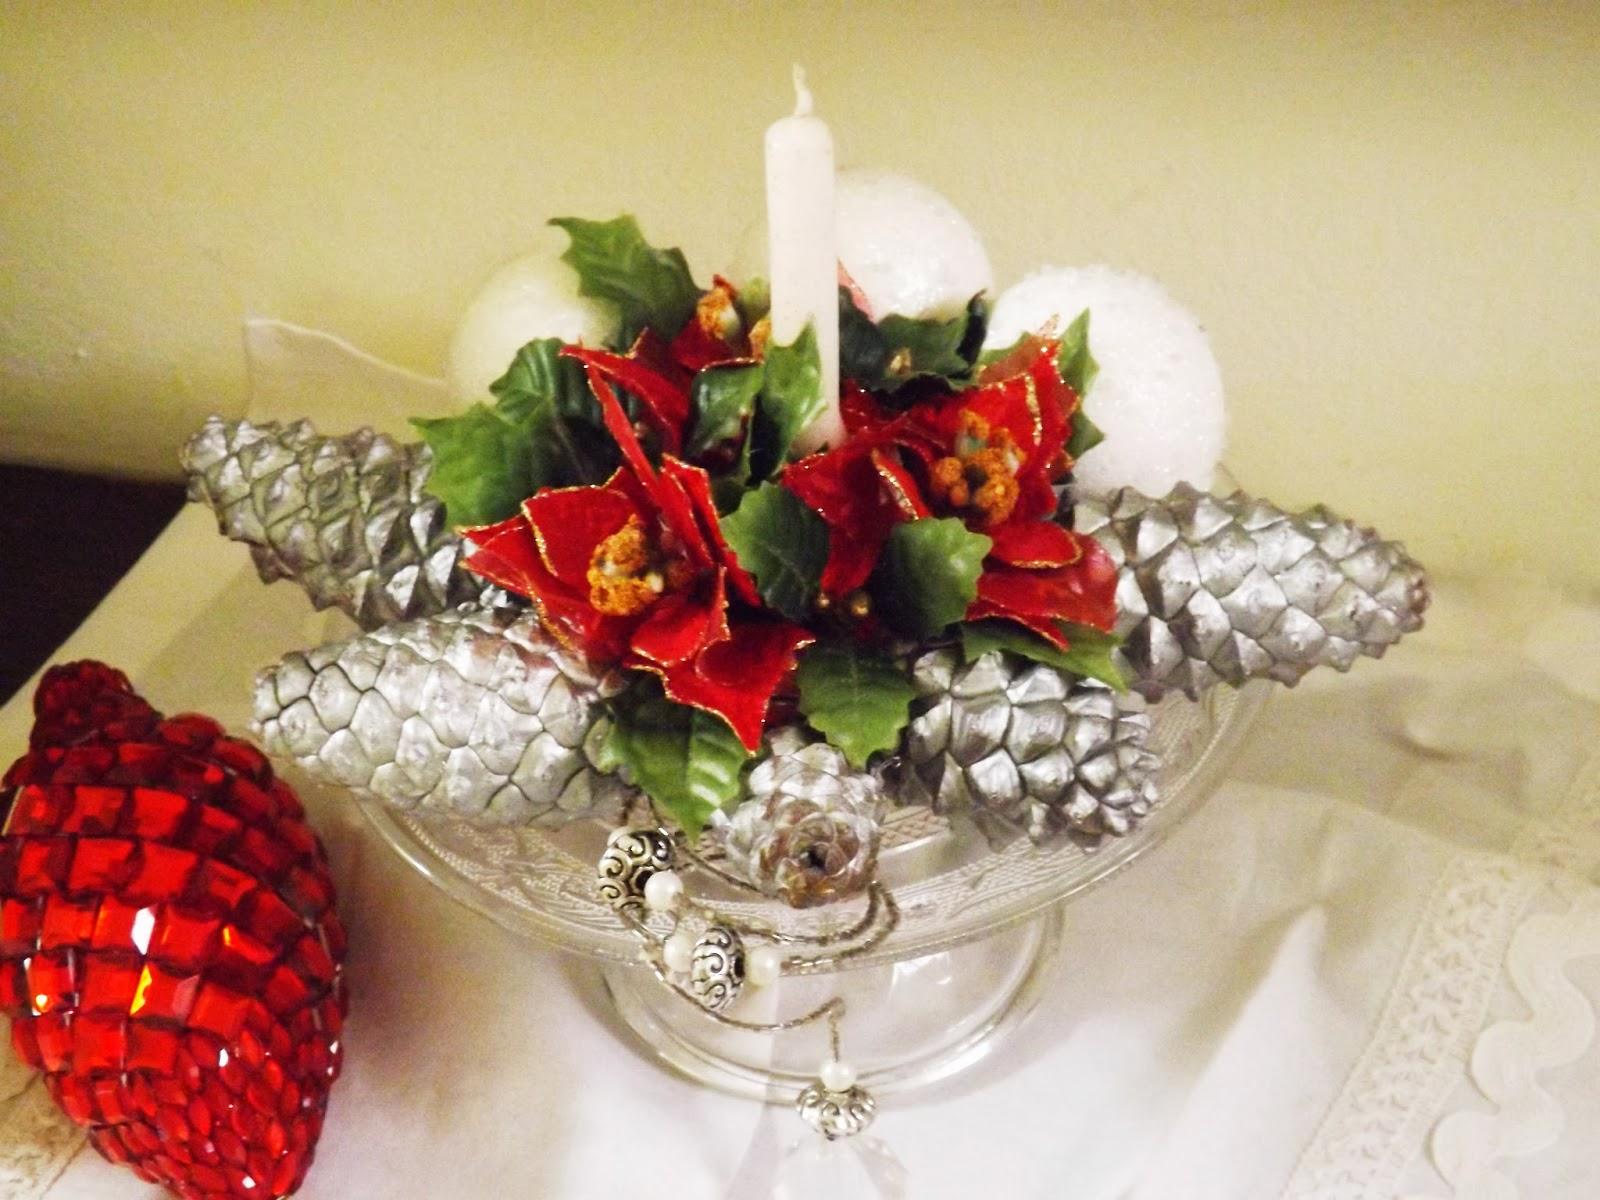 Venta y elaboracion de adornos de navidad y decoraciones for Elaboracion de adornos navidenos